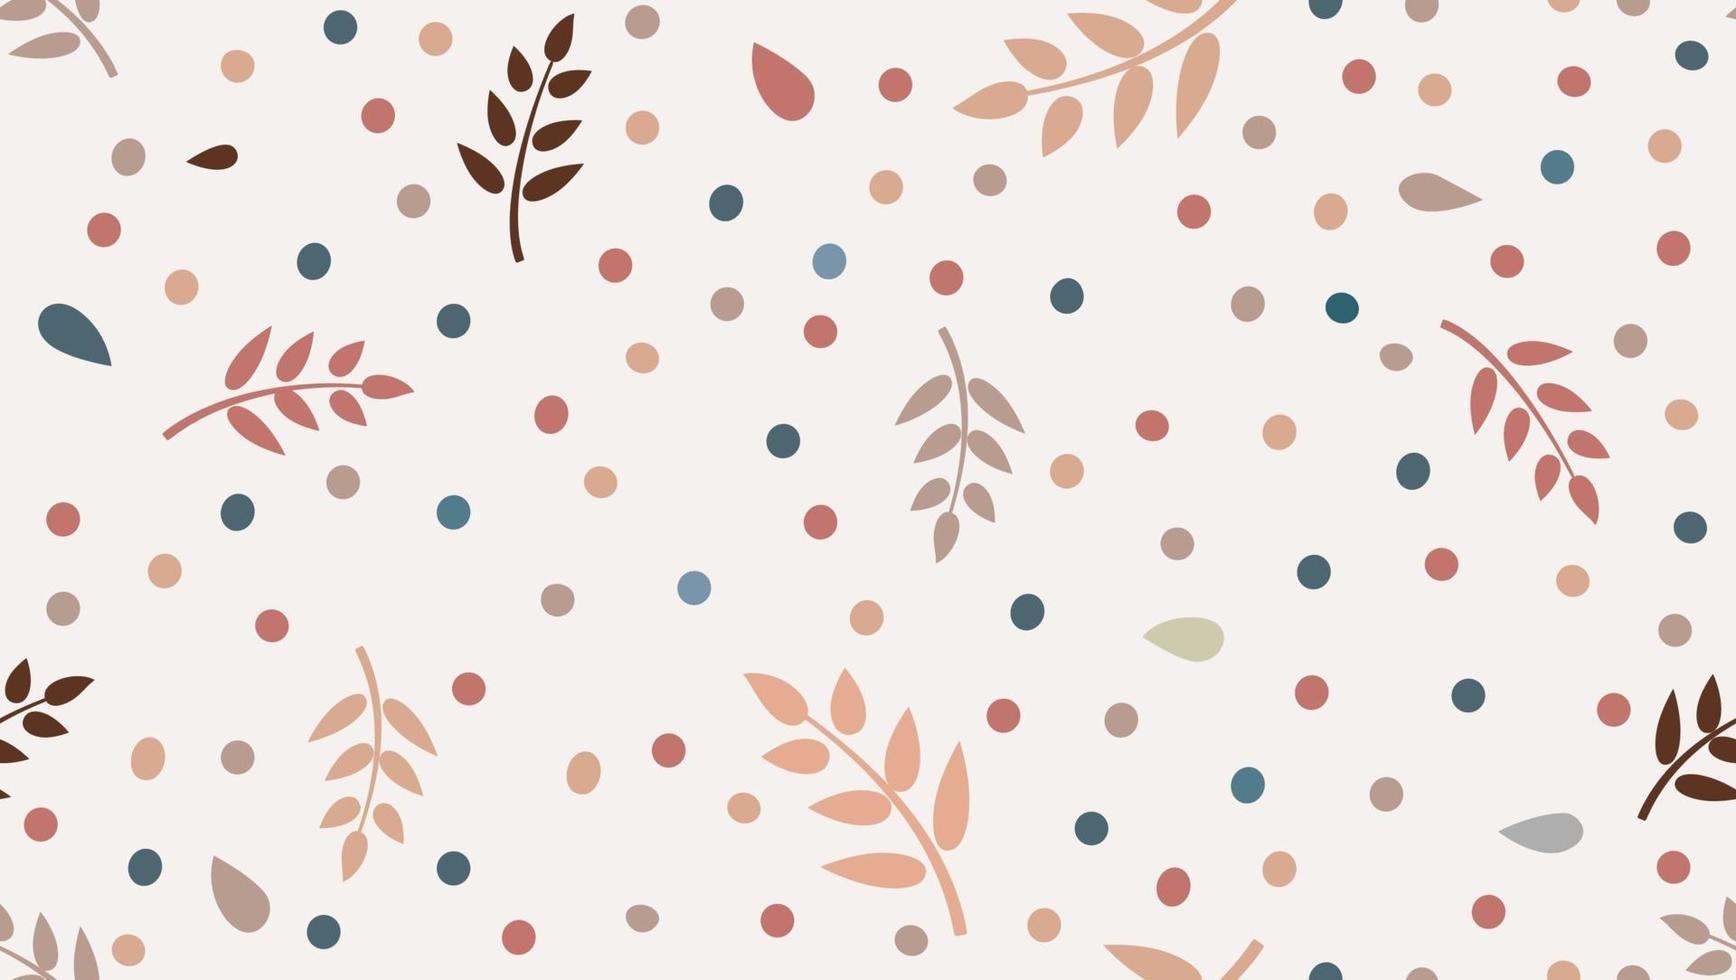 Blumenmuster mit Blättern und Punkten im minimalistischen kindlichen Stil vektor